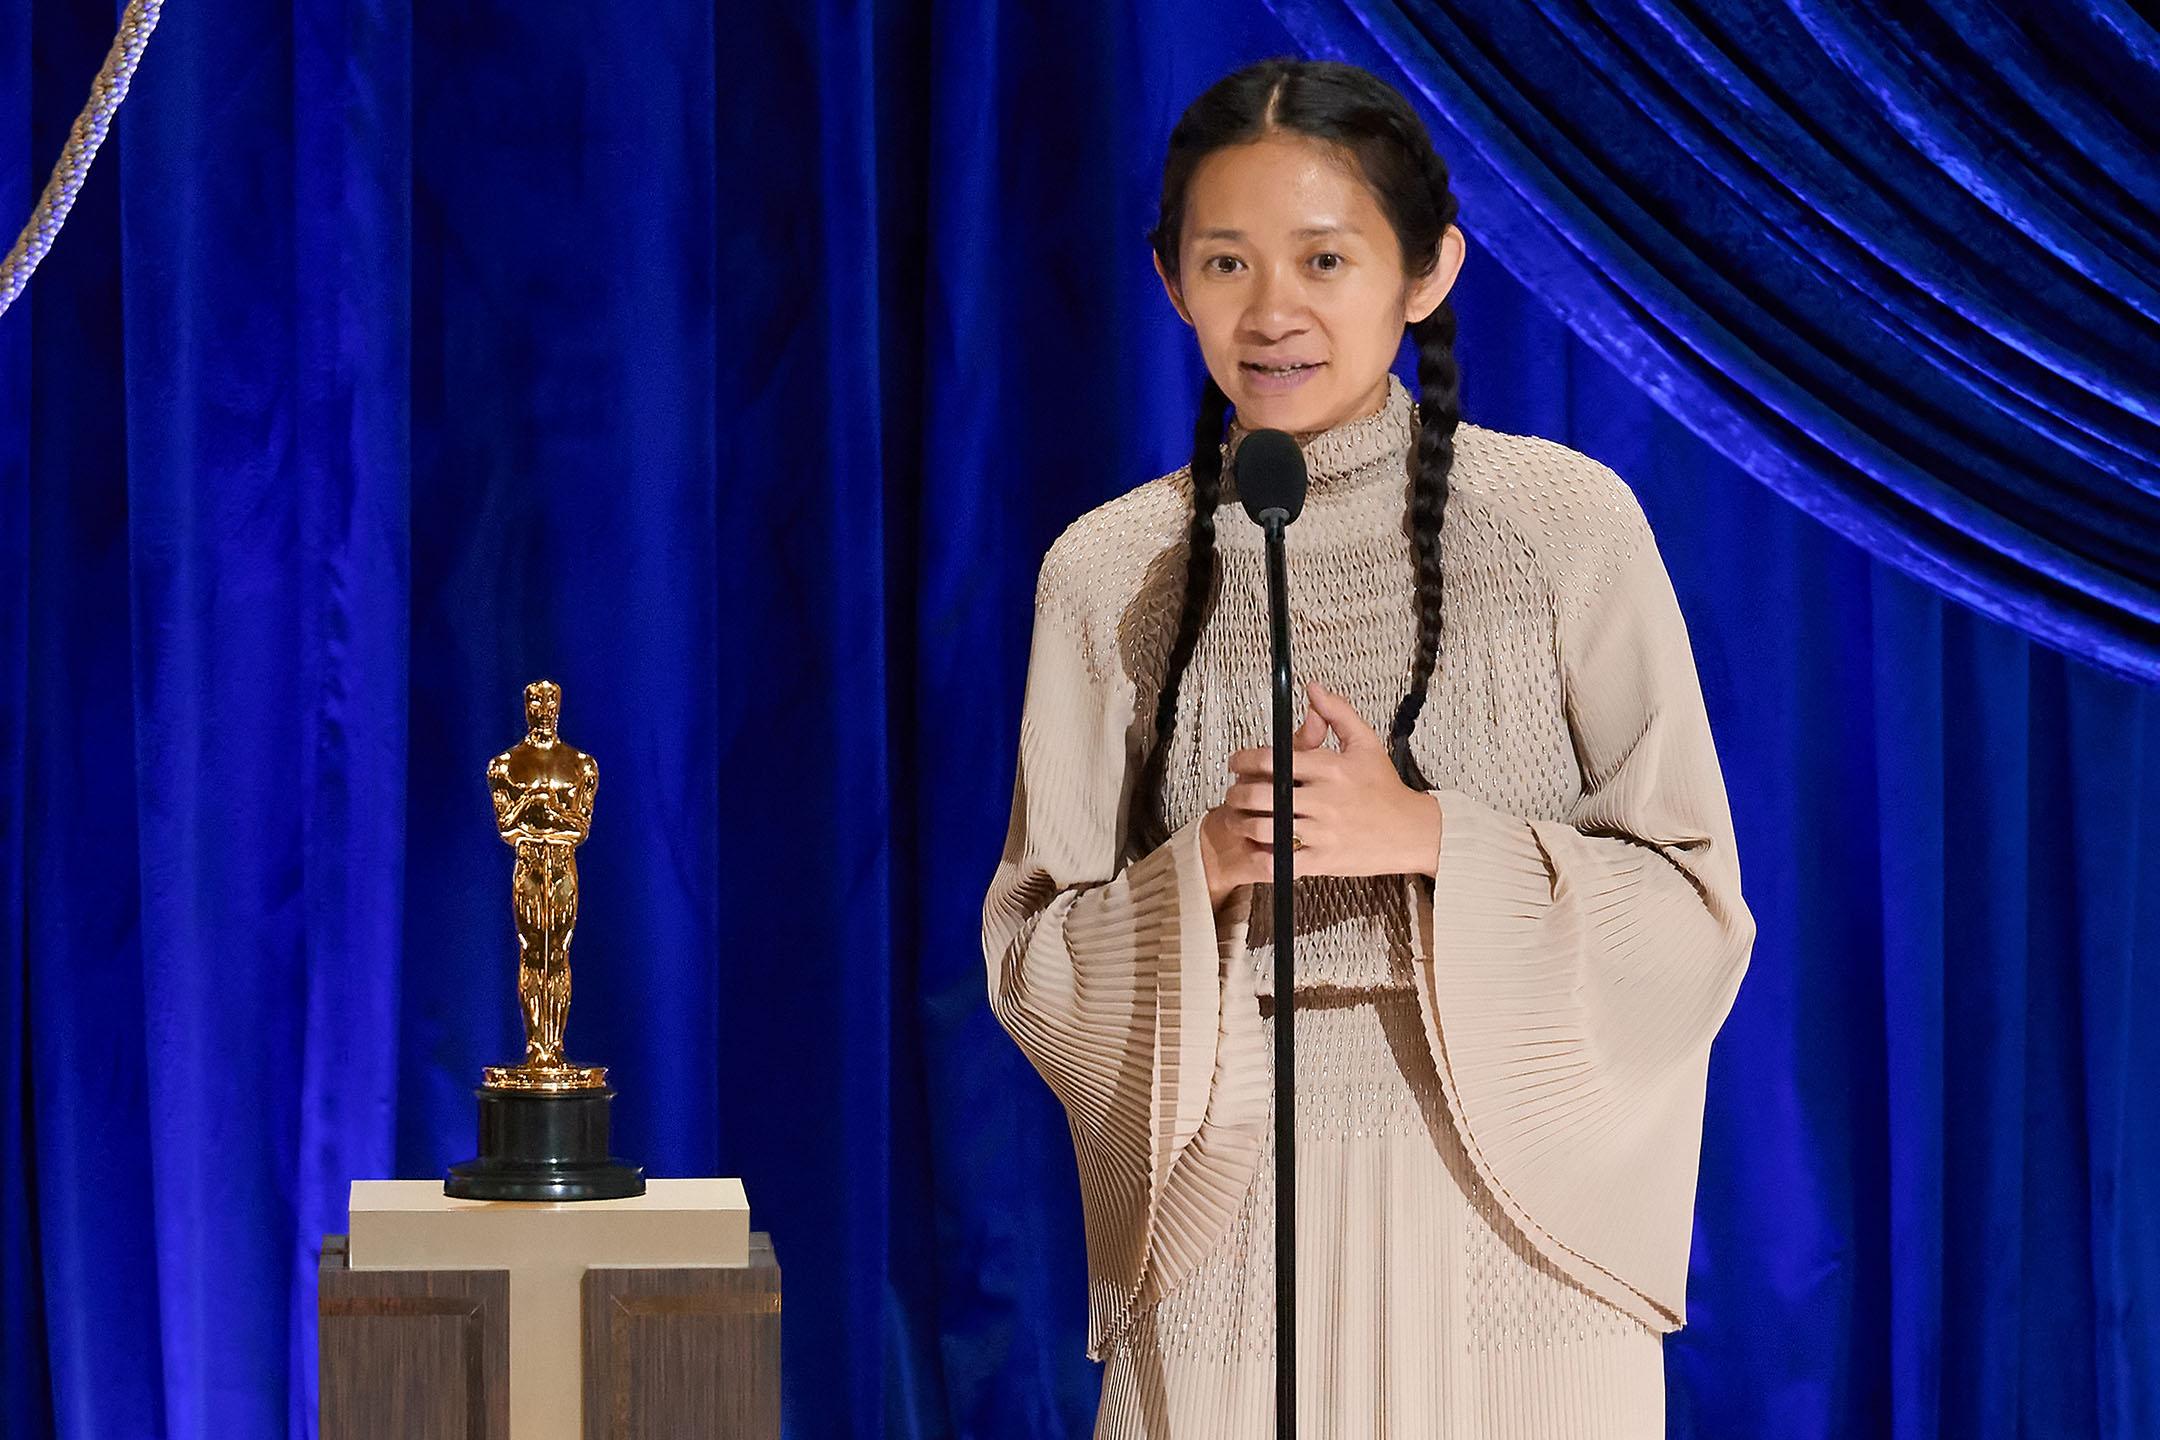 2021年4月25日洛杉磯,第93屆奧斯卡金像獎頒獎典禮上,趙婷獲得最佳導演獎。